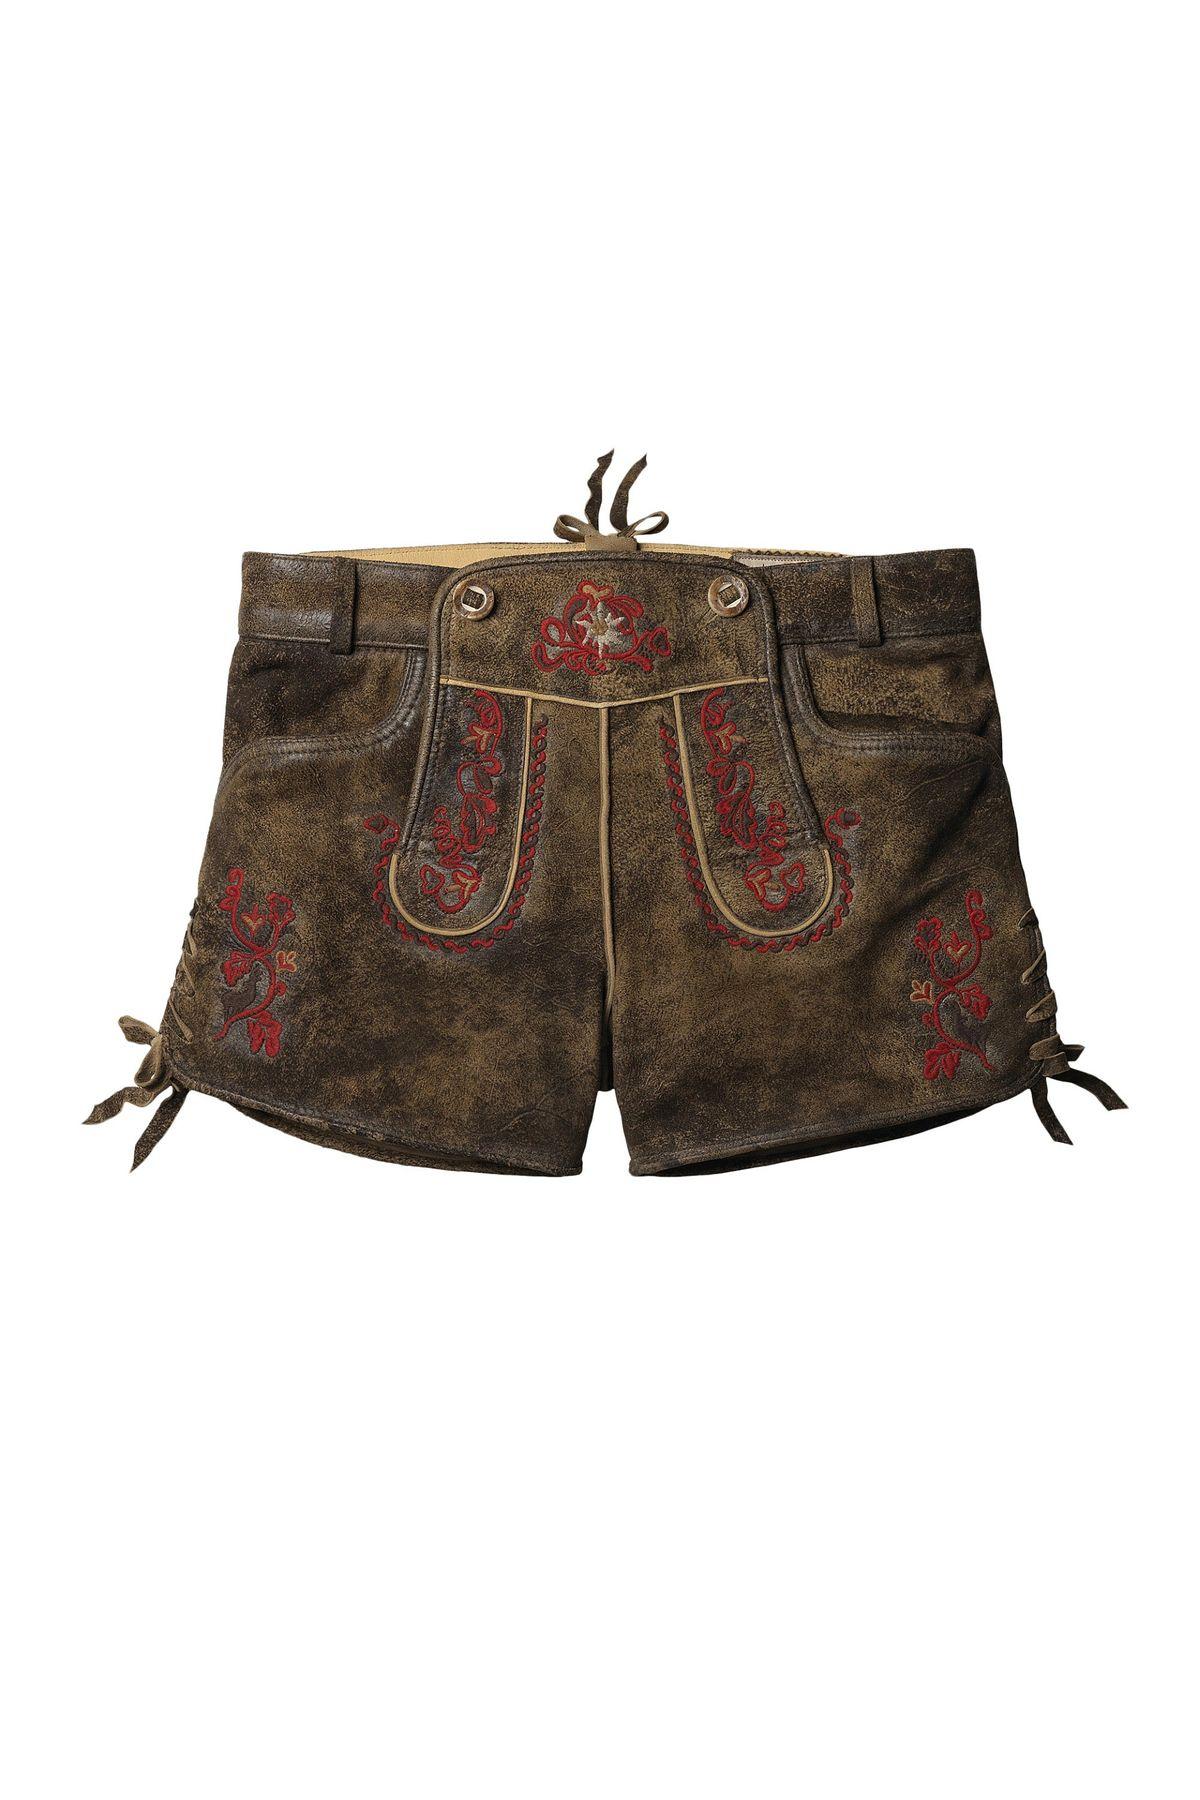 Stockerpoint - Damen Trachten Lederhose kurz, Xenia – Bild 1